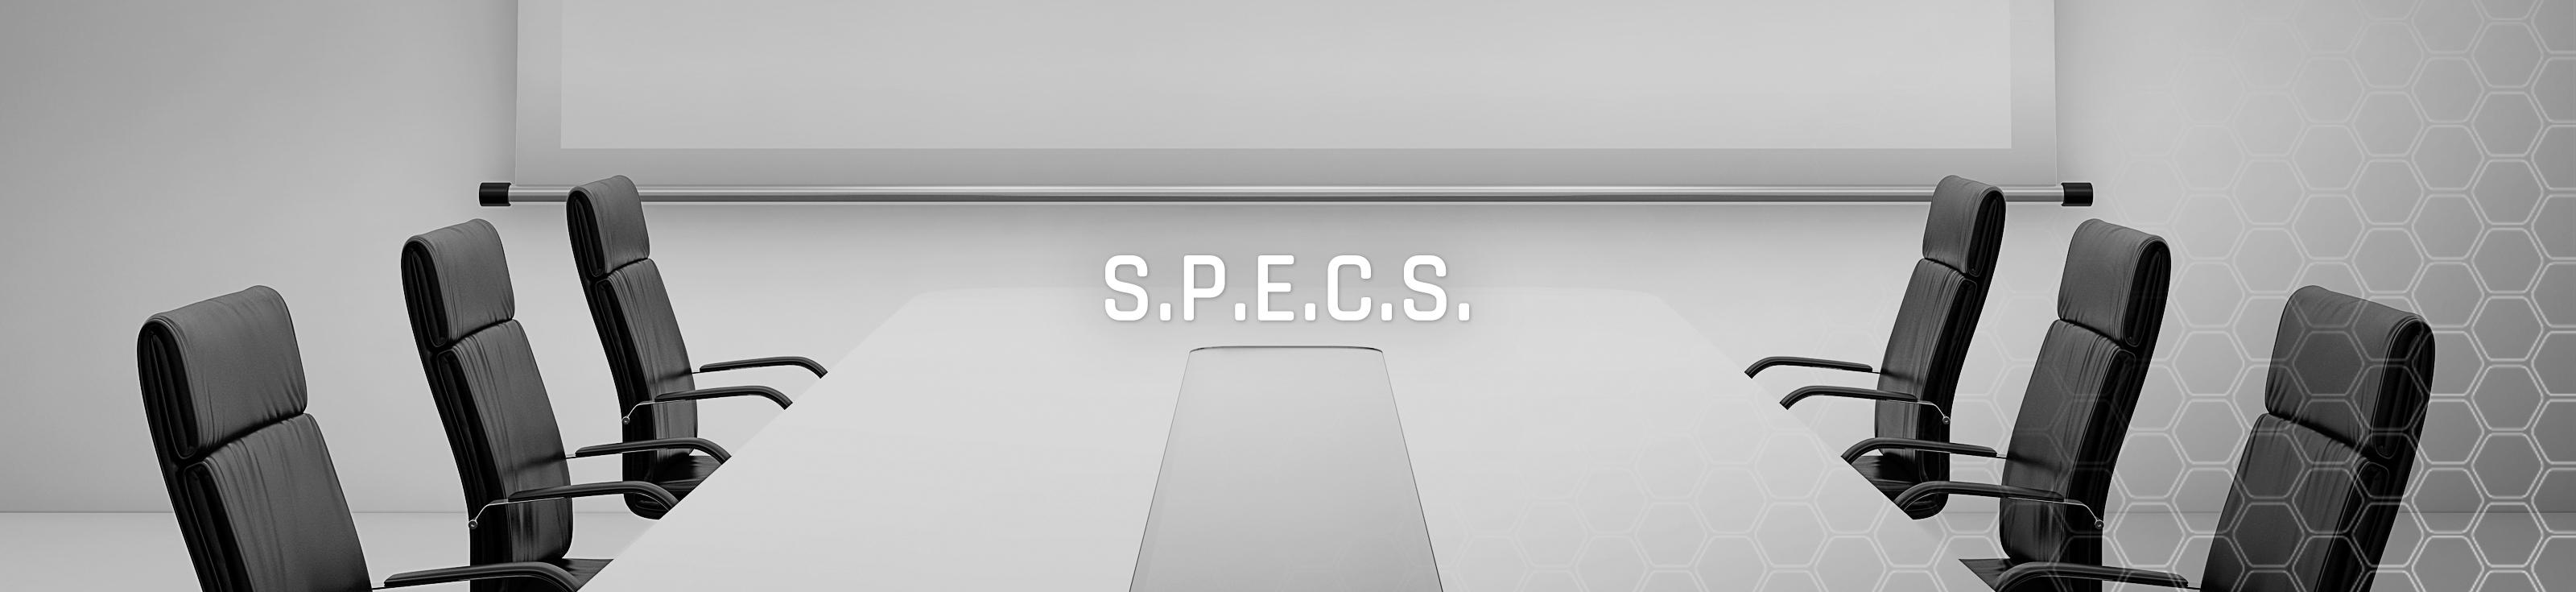 Slider_specs_5neu_ps